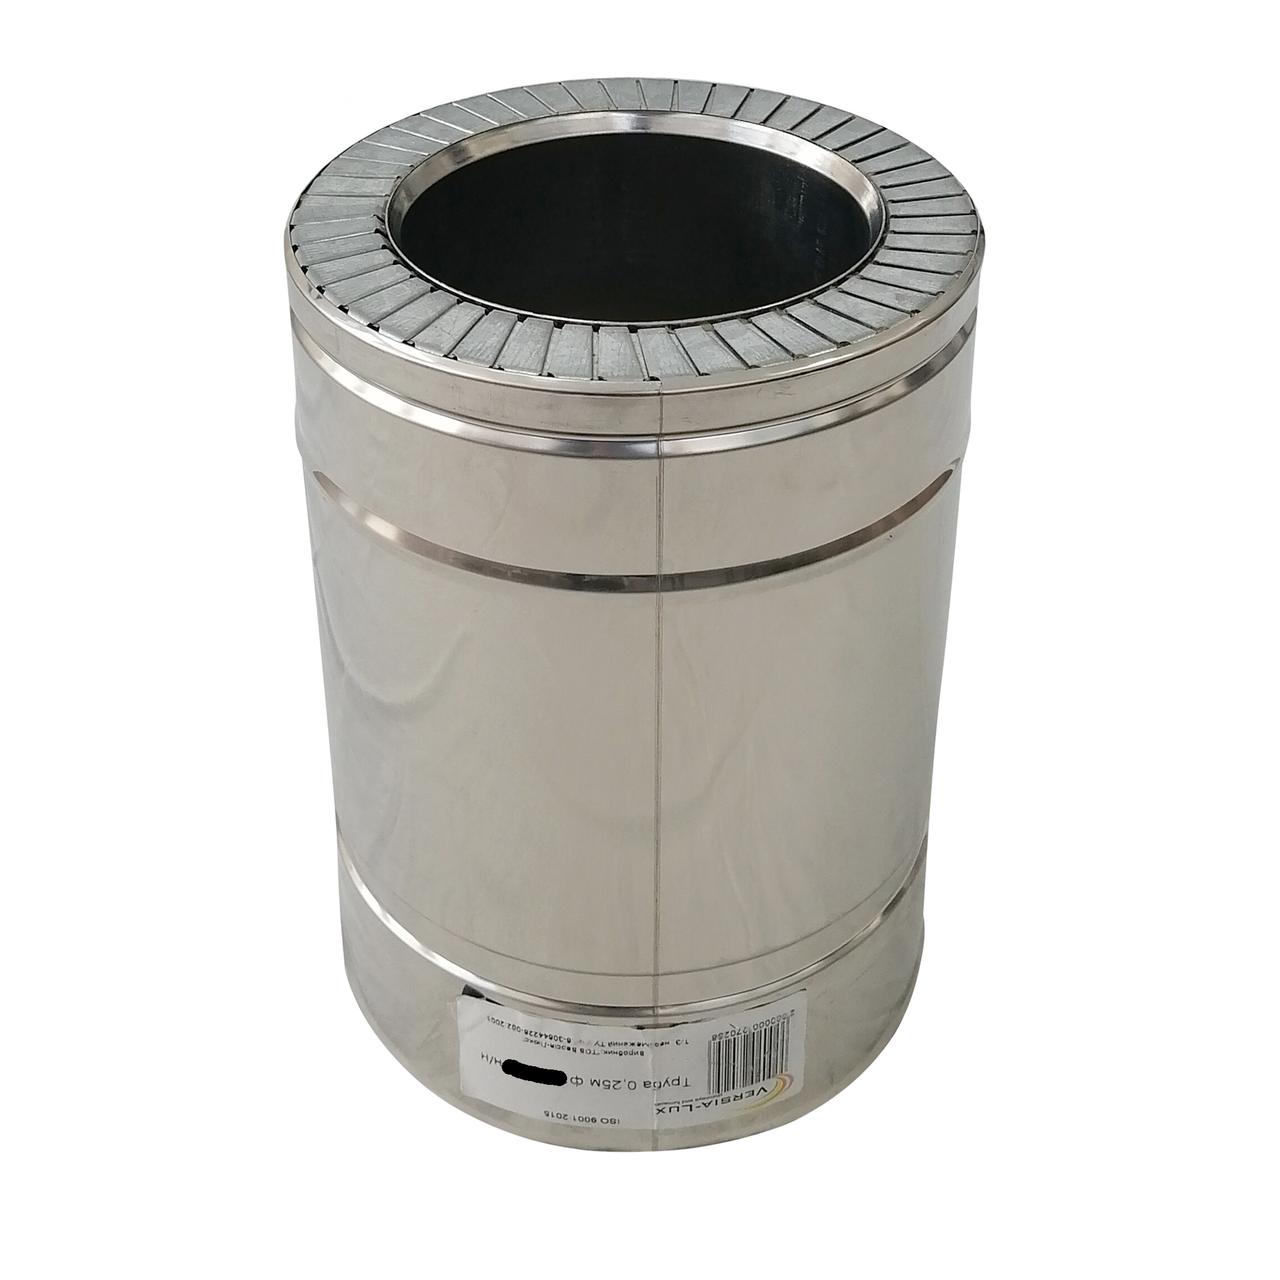 Труба димохідна сендвіч d 120 мм; 0,8 мм; AISI 304; 25 см; нержавіюча сталь/неіржавіюча сталь - «Версія-Люкс»